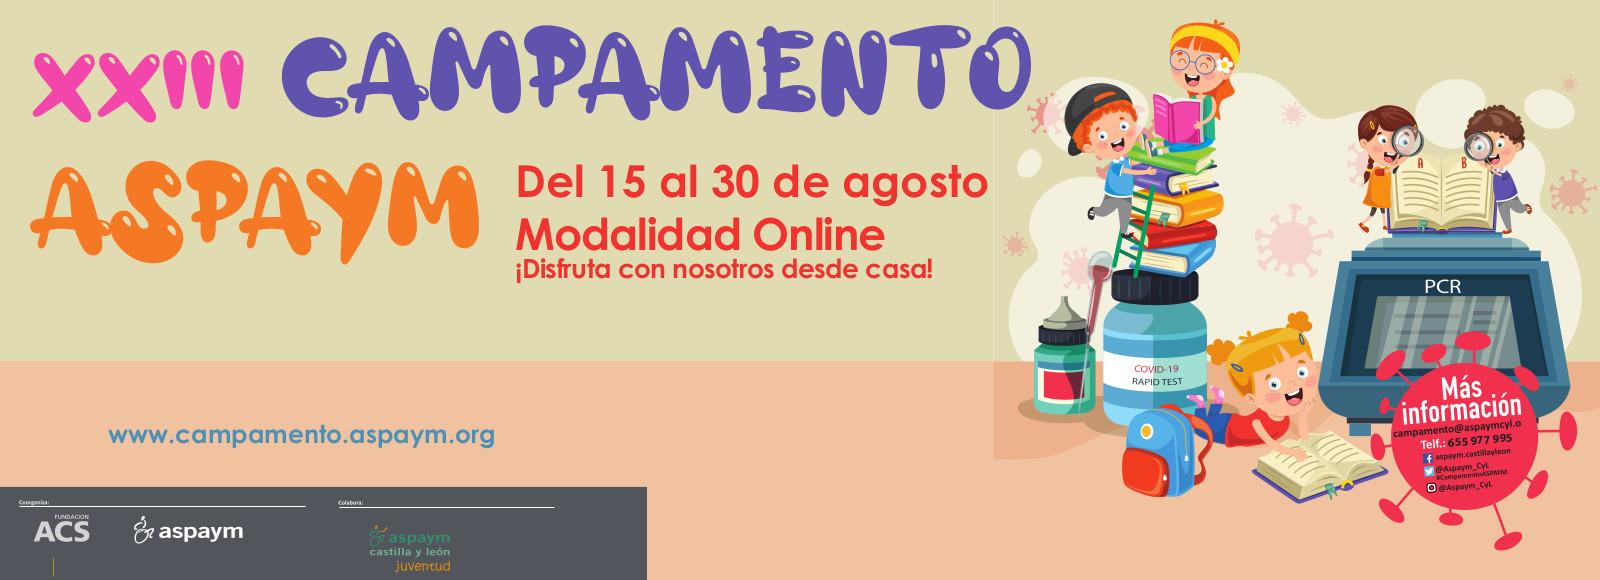 Campamento ASPAYM del 15 al 30 de agosto modalidad online